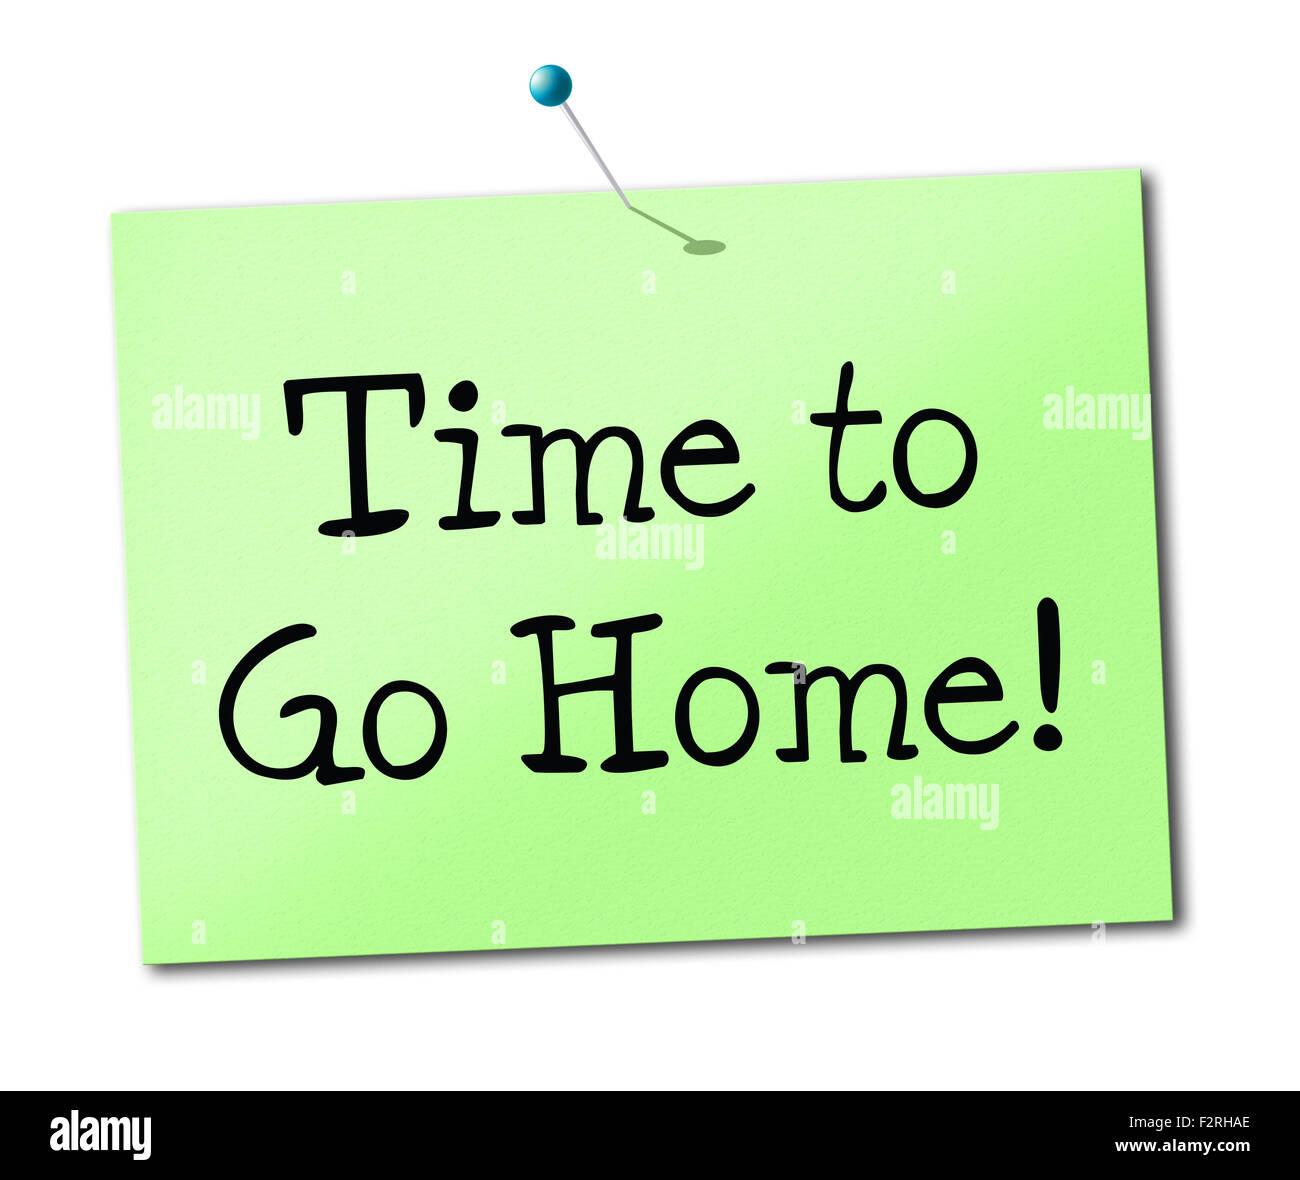 Zeit nach Hause gehen siehe darstellt Sie später und Bye